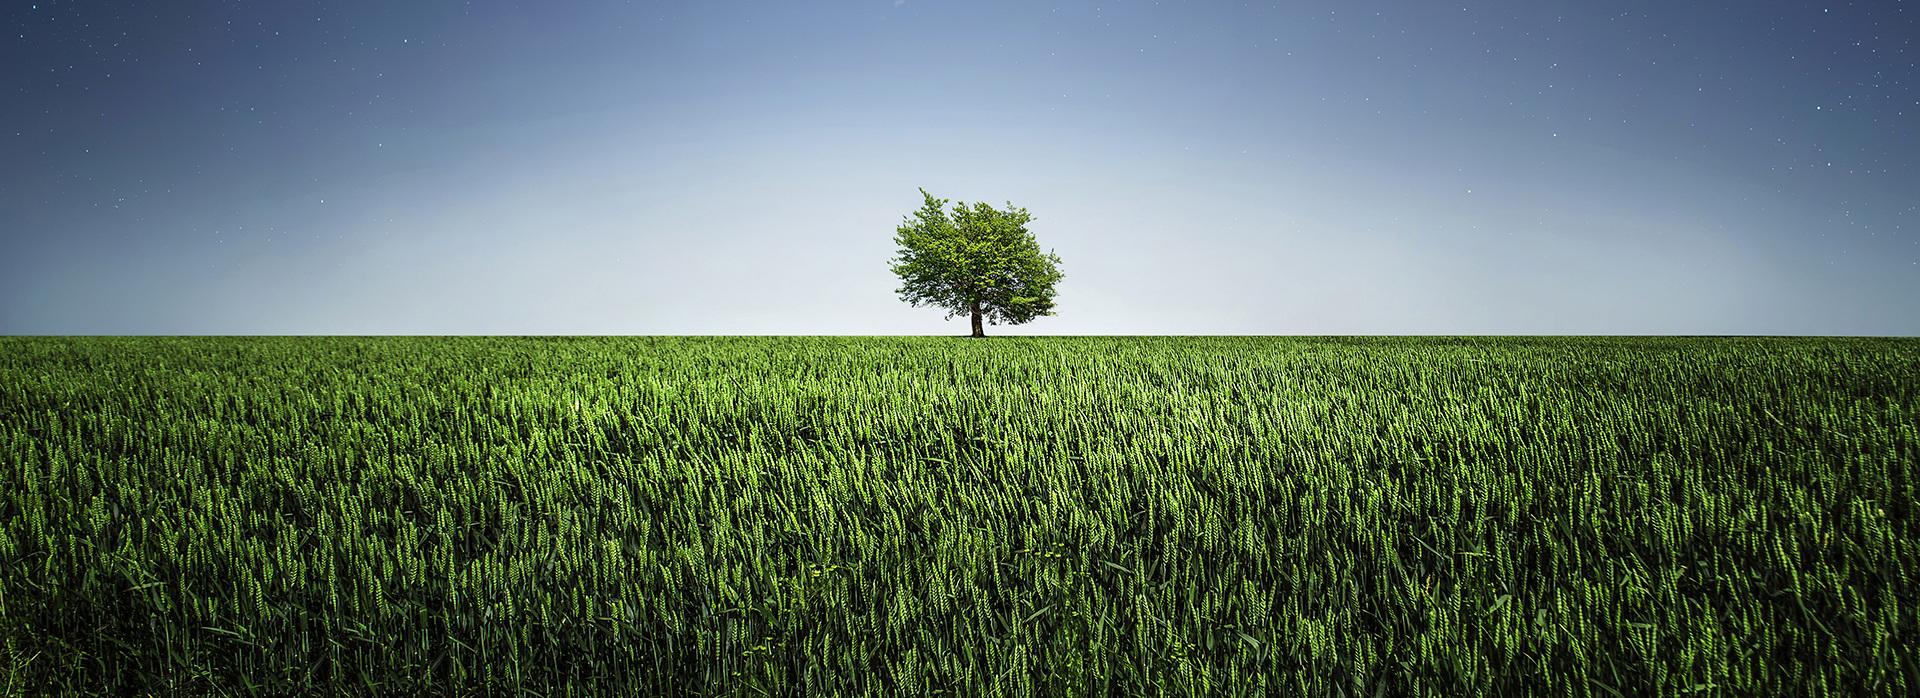 immagine in cui è rappresentato un campo erboso ed un albero